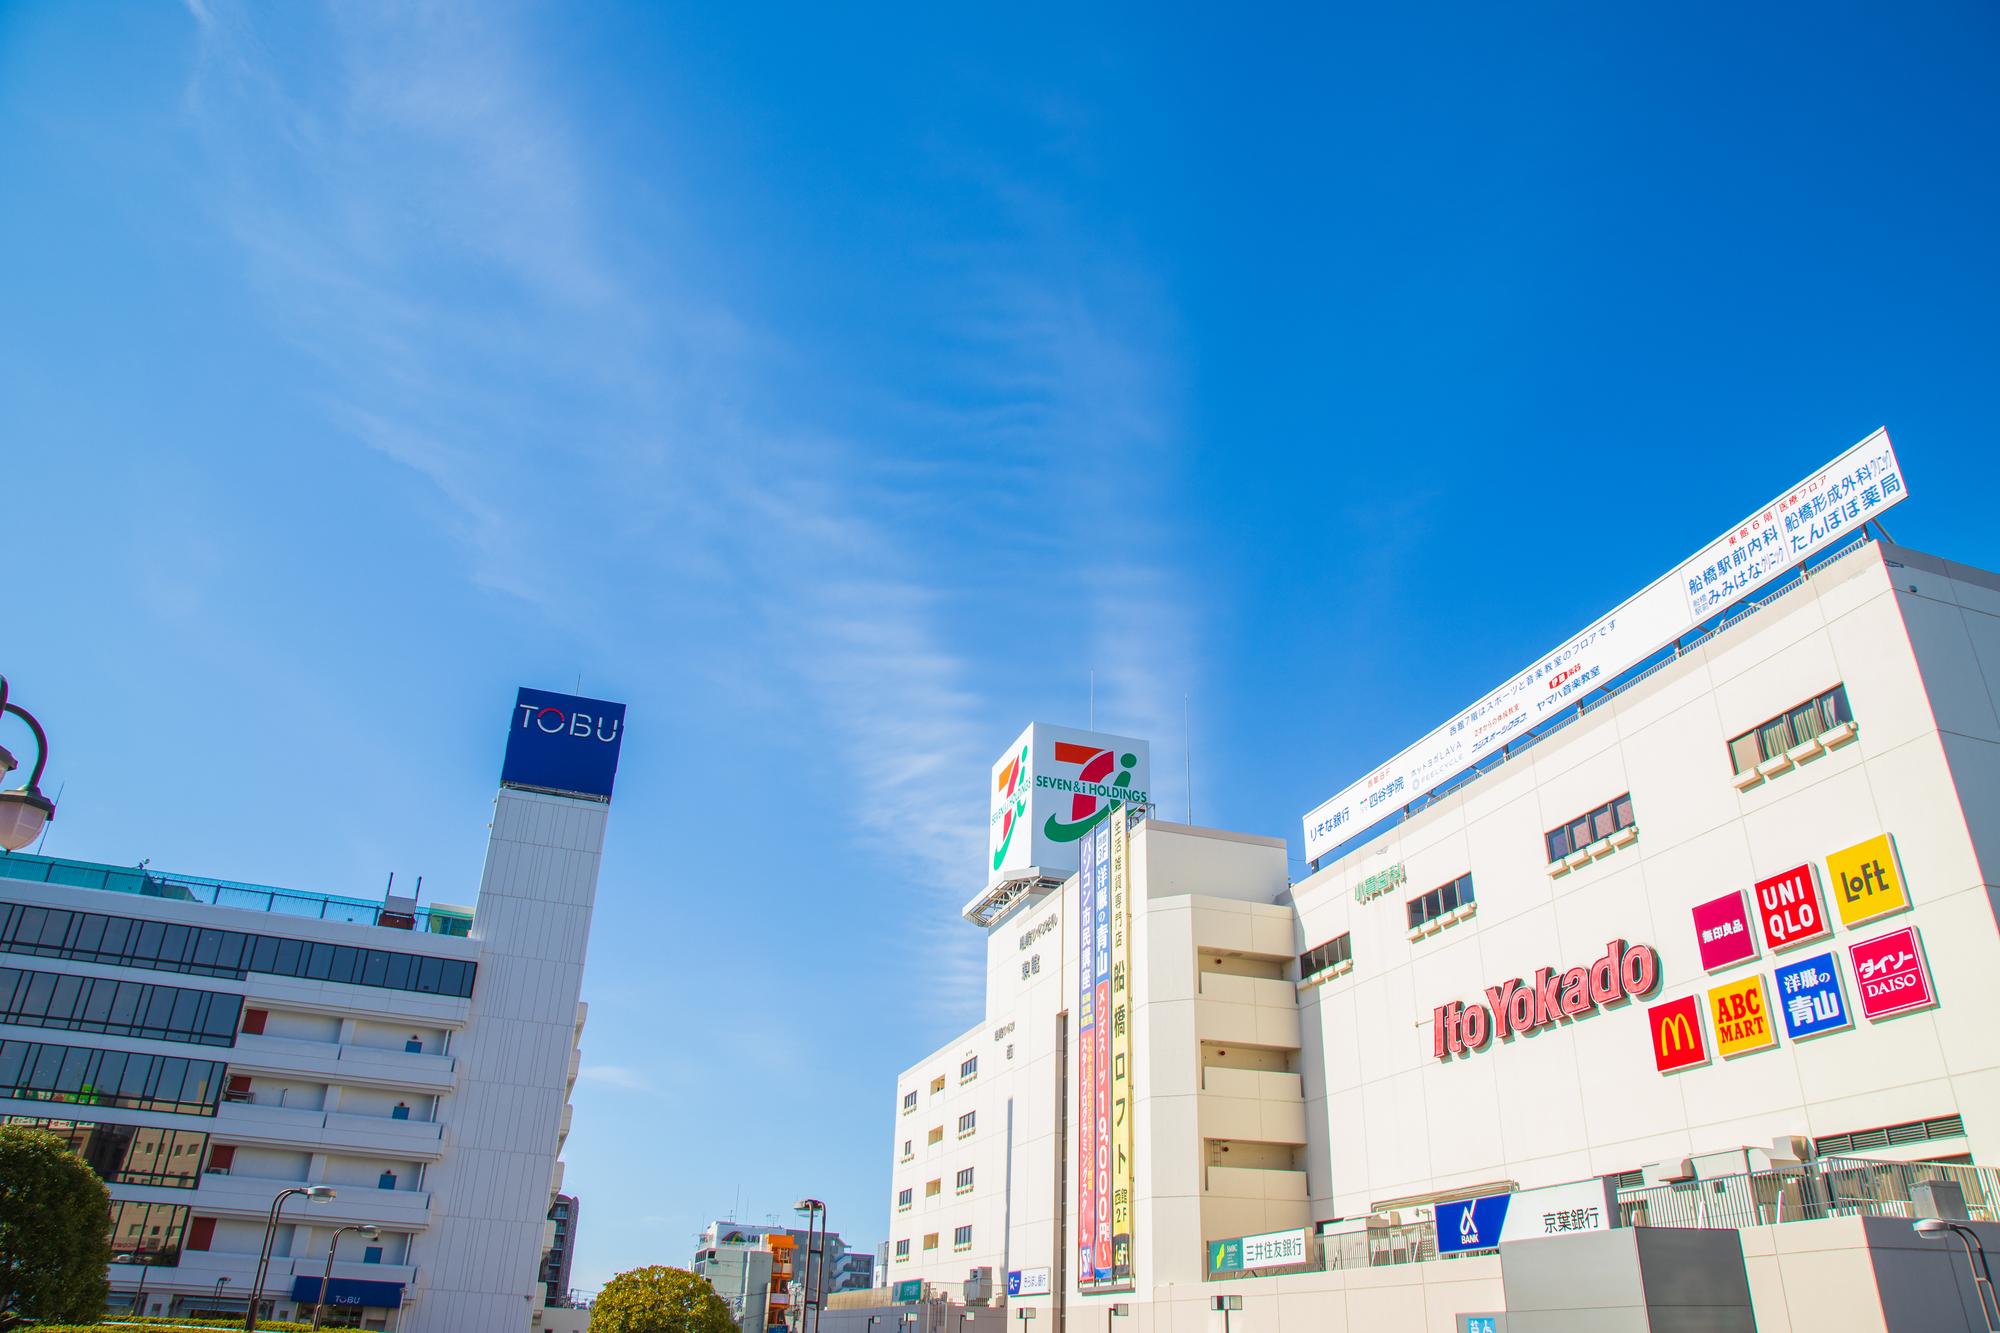 木曜に通院したい方へ!船橋駅の歯医者さん、おすすめポイント紹介